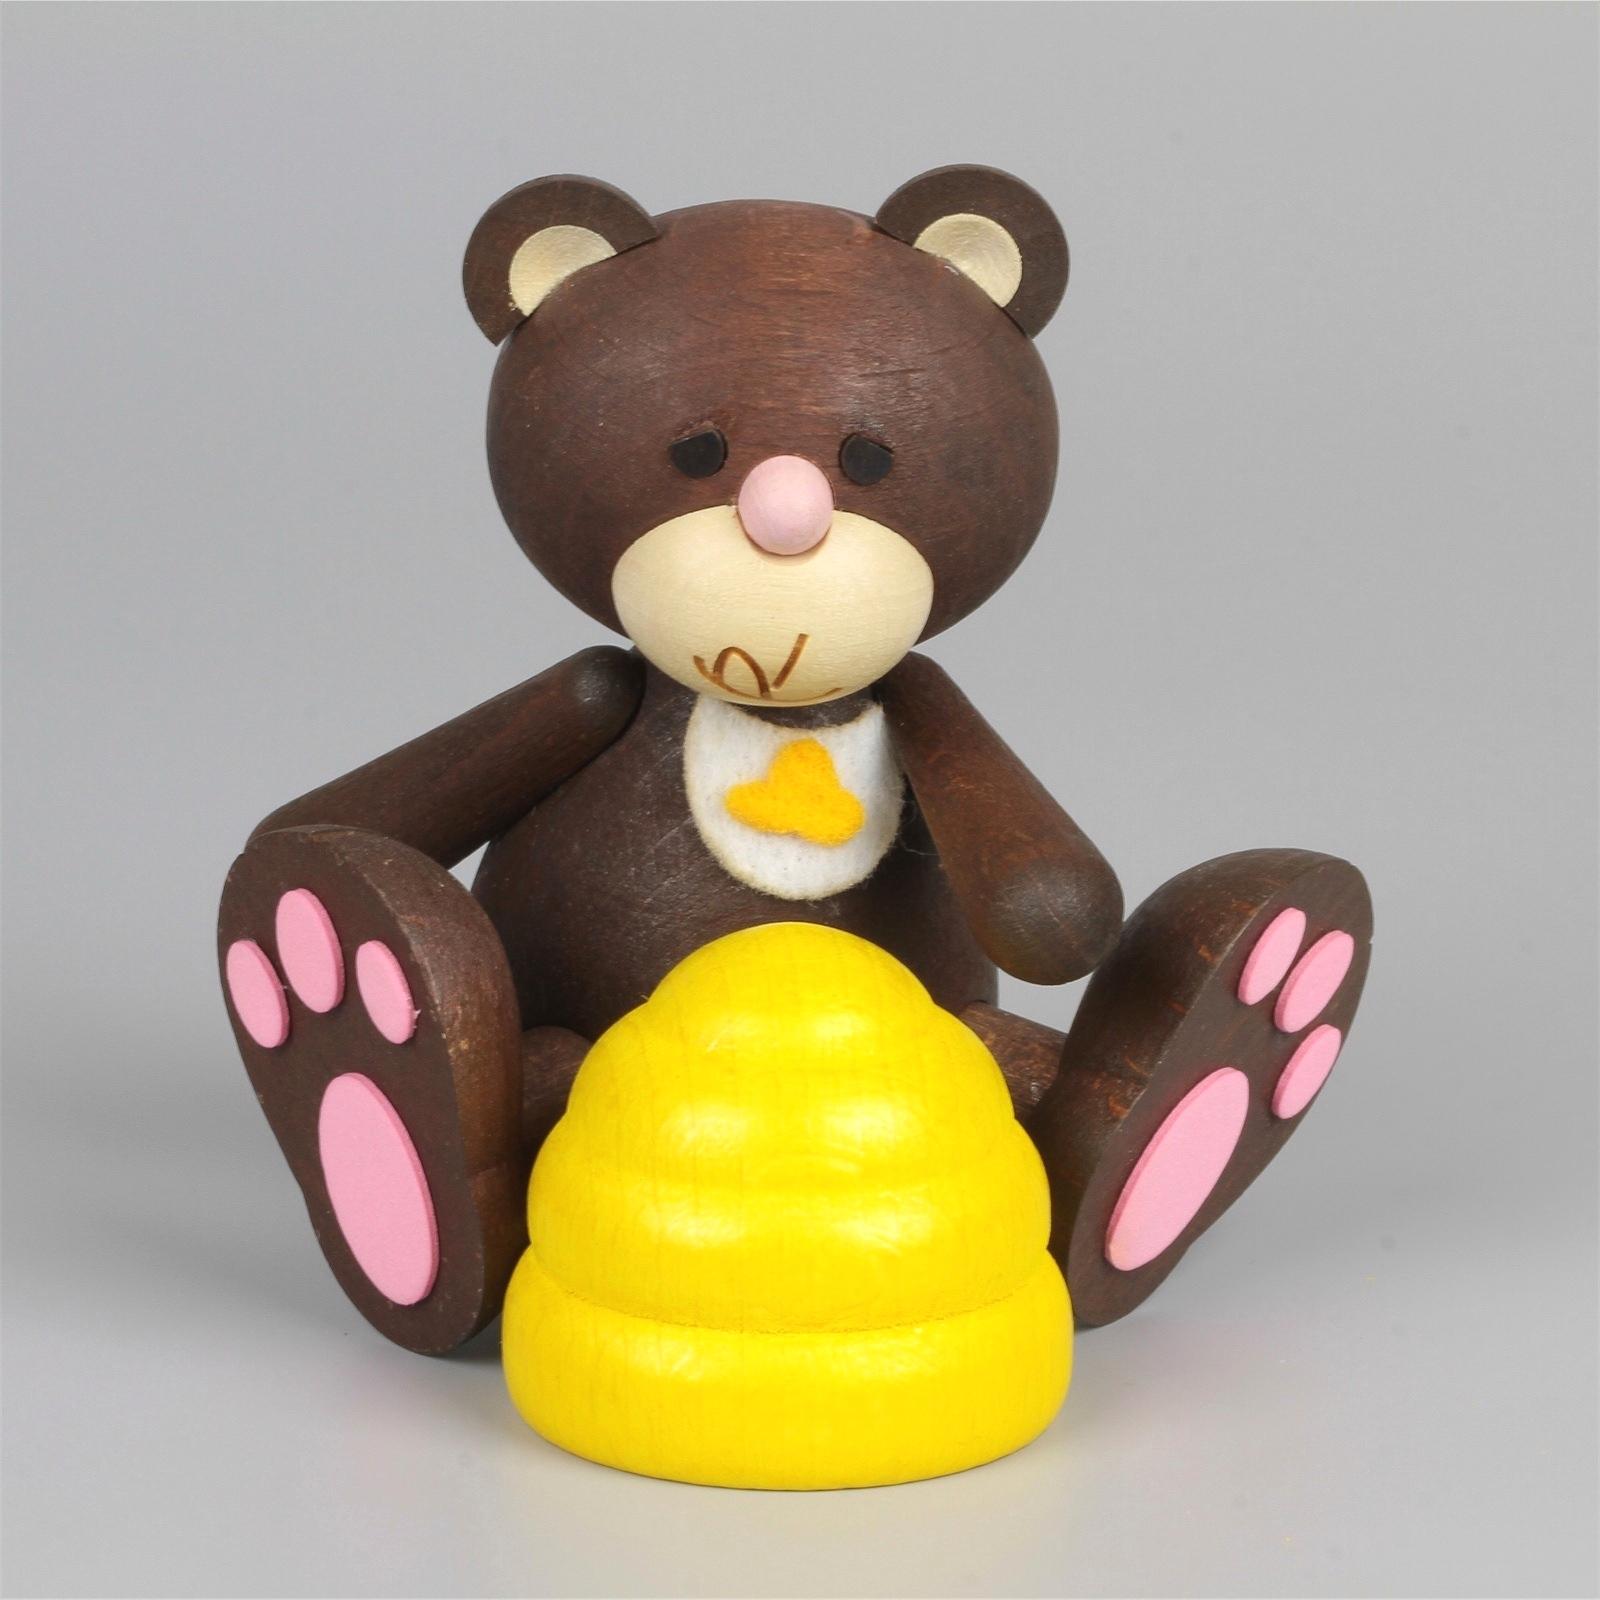 Teddy Kunibärt das Schleckermäulchen